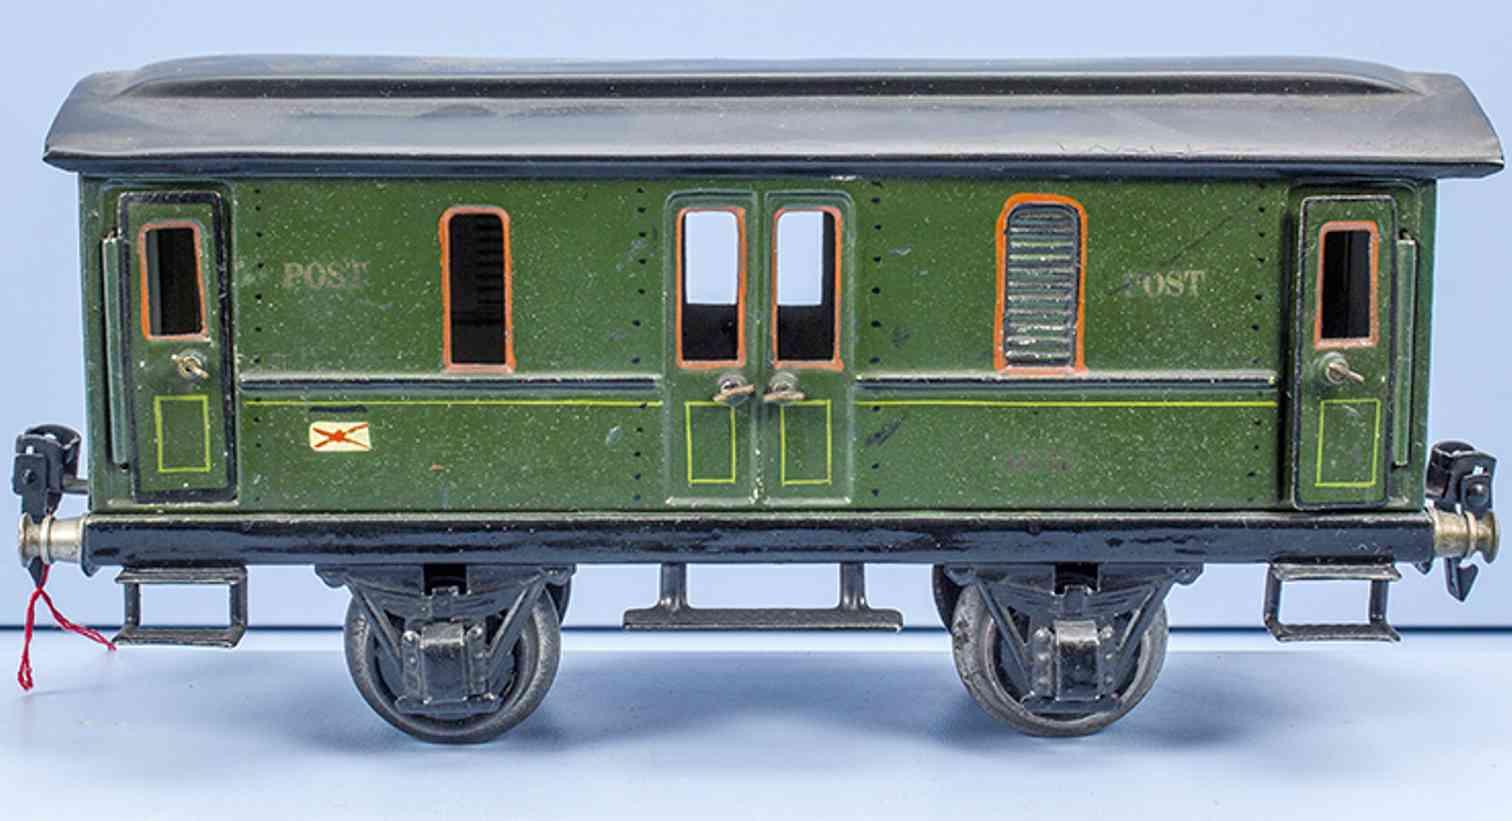 marklin maerklin 1876/1 1930 railway toy mail car gauge 1